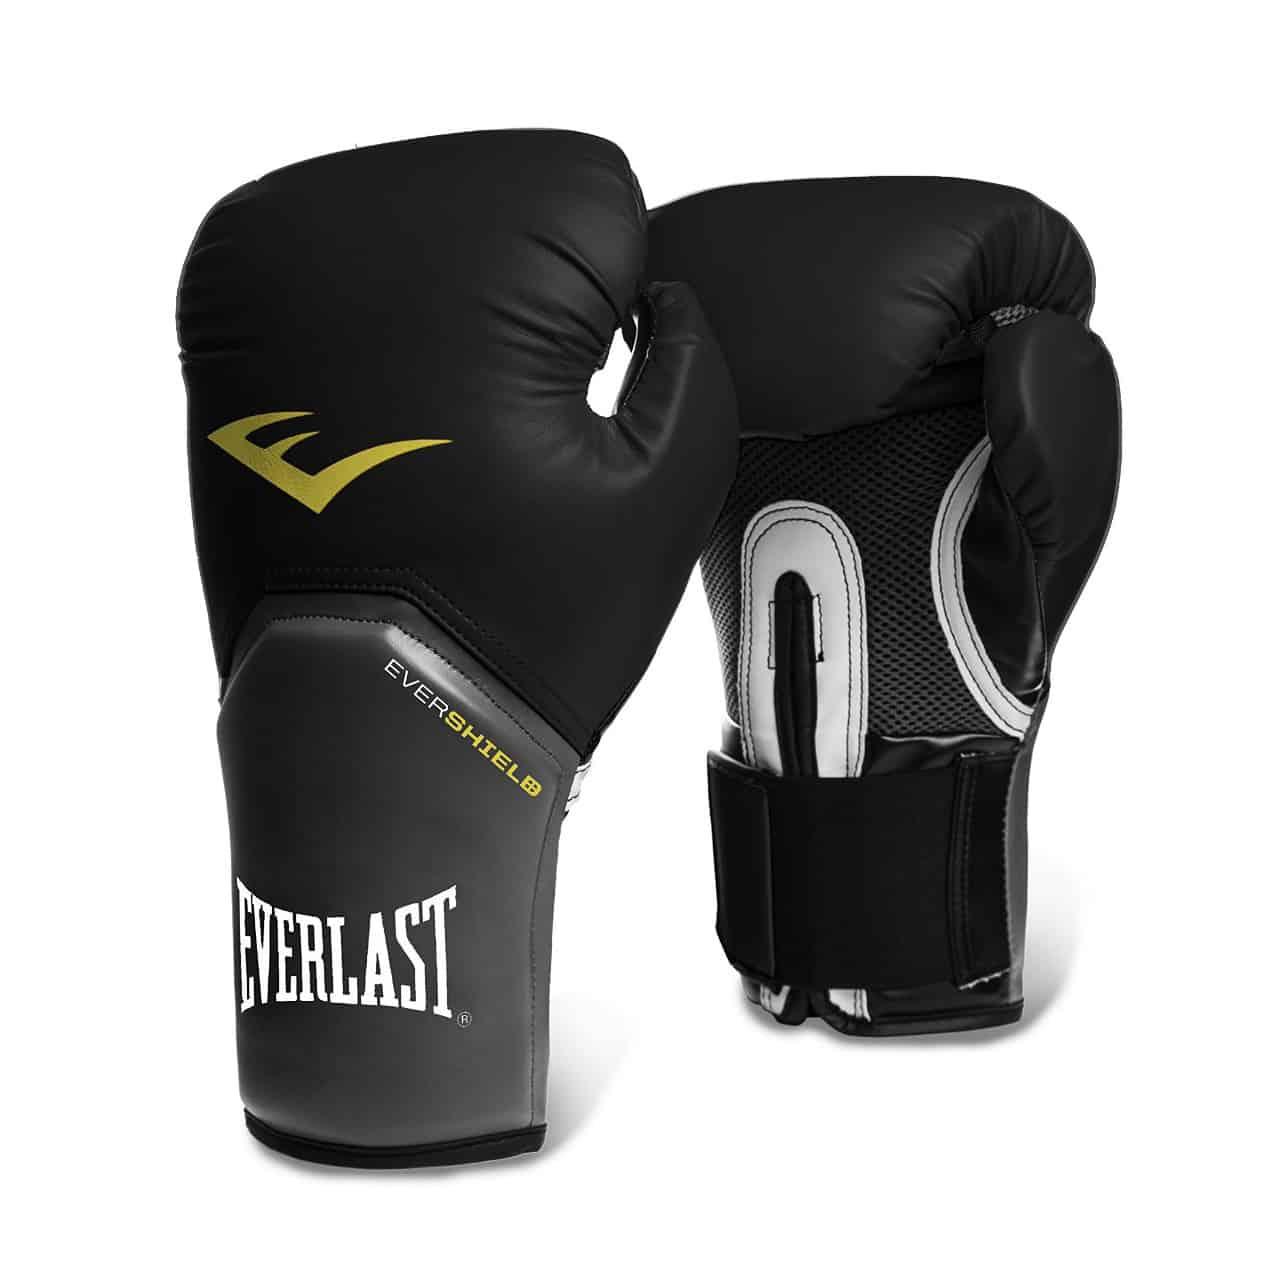 Everlast pro boxing gloves